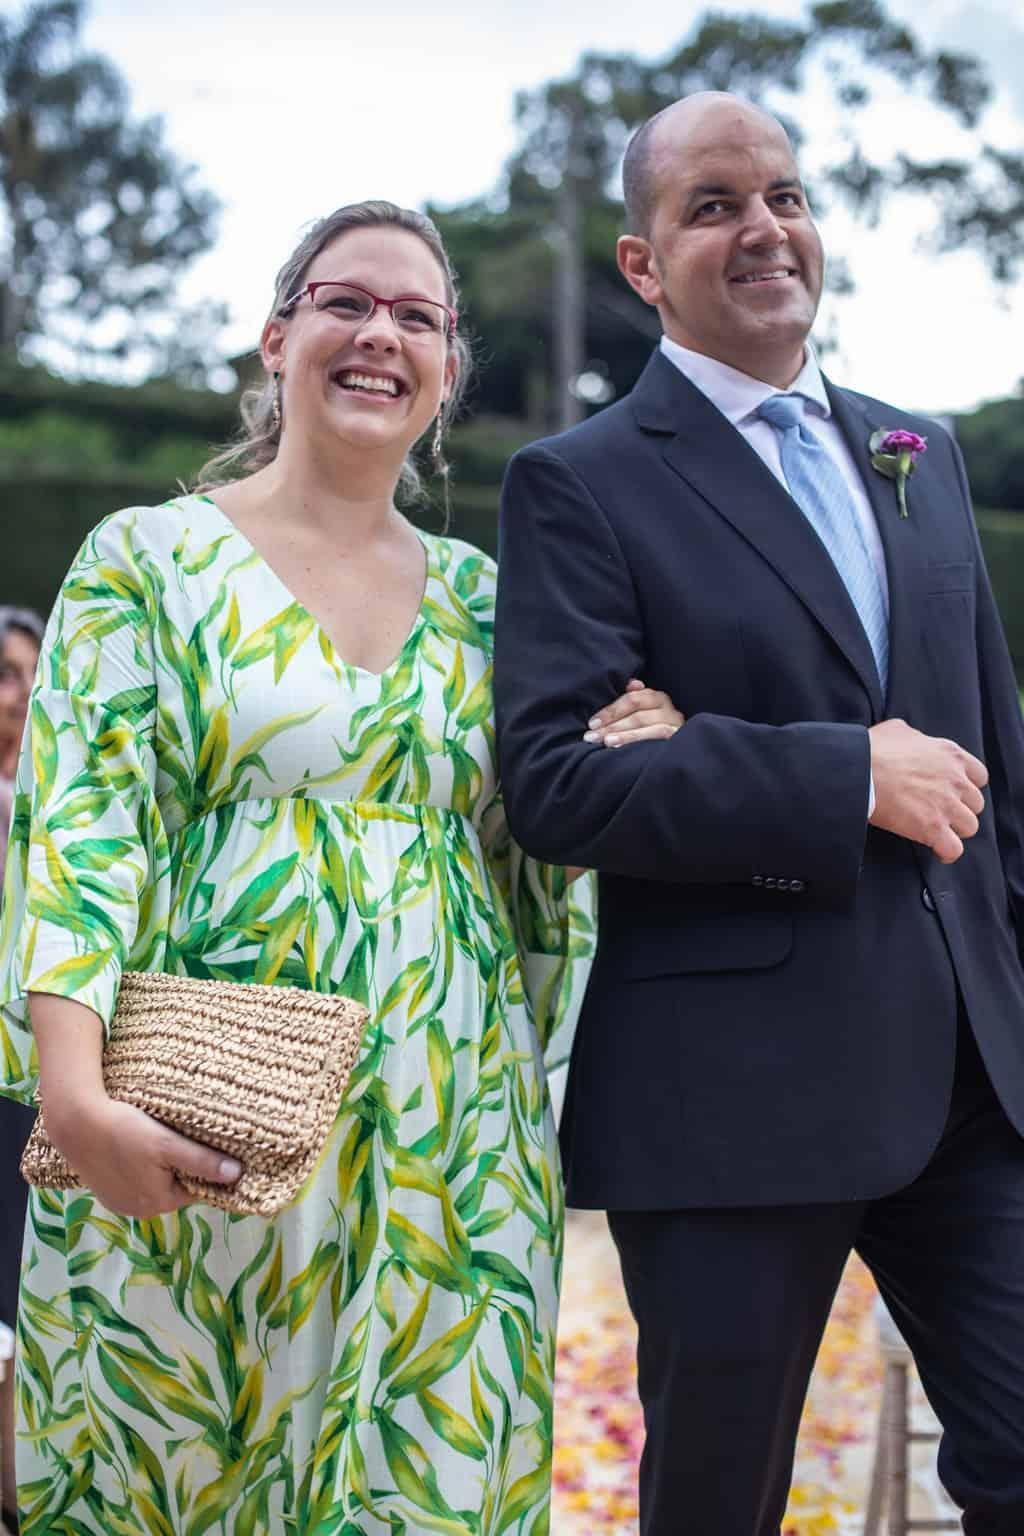 casamento-na-serra-cerimonia-ao-ar-livre-entrada-dos-padrinhos-Fotografia-Laura-Campanella-graviola-filmes-Juliana-e-Sebastian-Pousada-La-Belle-Bruna52